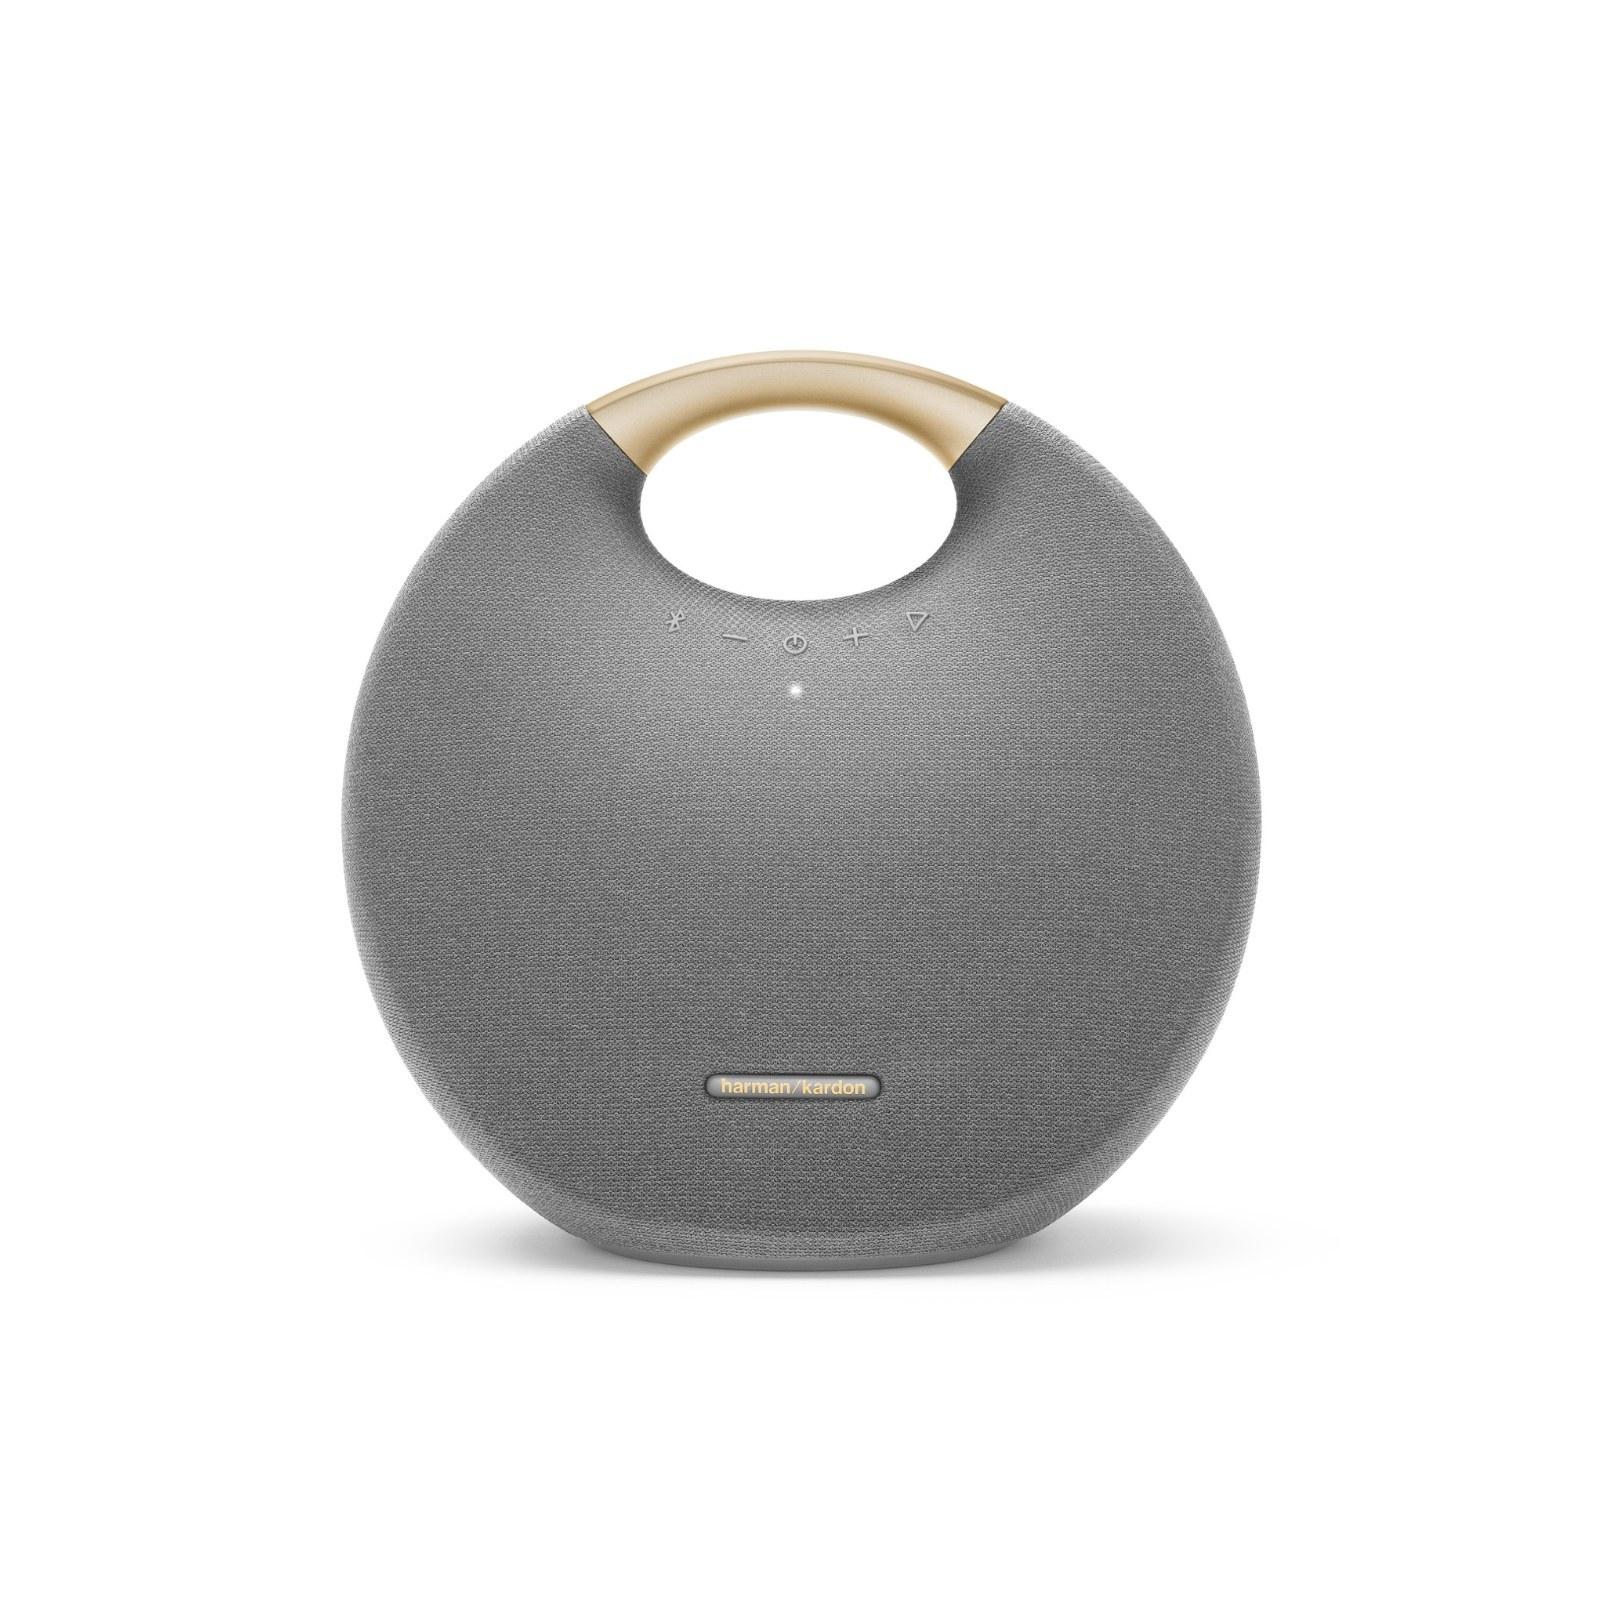 تصویر اسپیکر بلوتوثی هارمن کاردن Onyx 6 Harman Kardon Onyx 6 Bluetooth Speaker